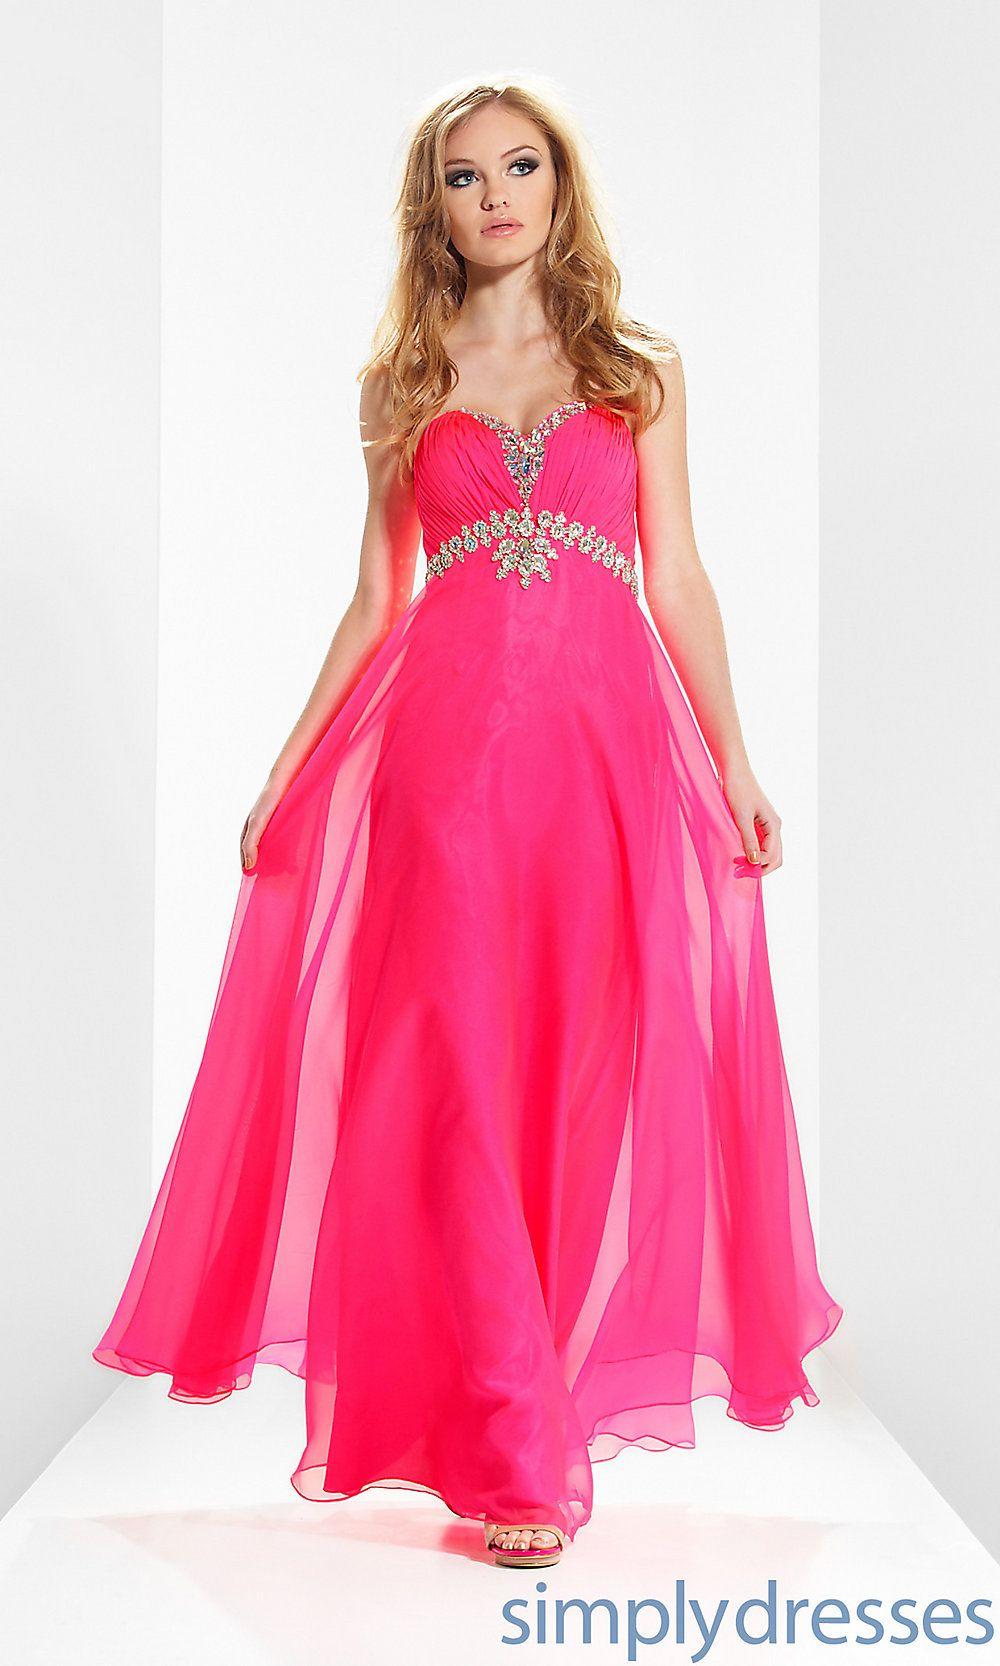 hot-pink-dress-RV-R9590-a.jpg (1000×1666) | Vampire Carnival Frock ...